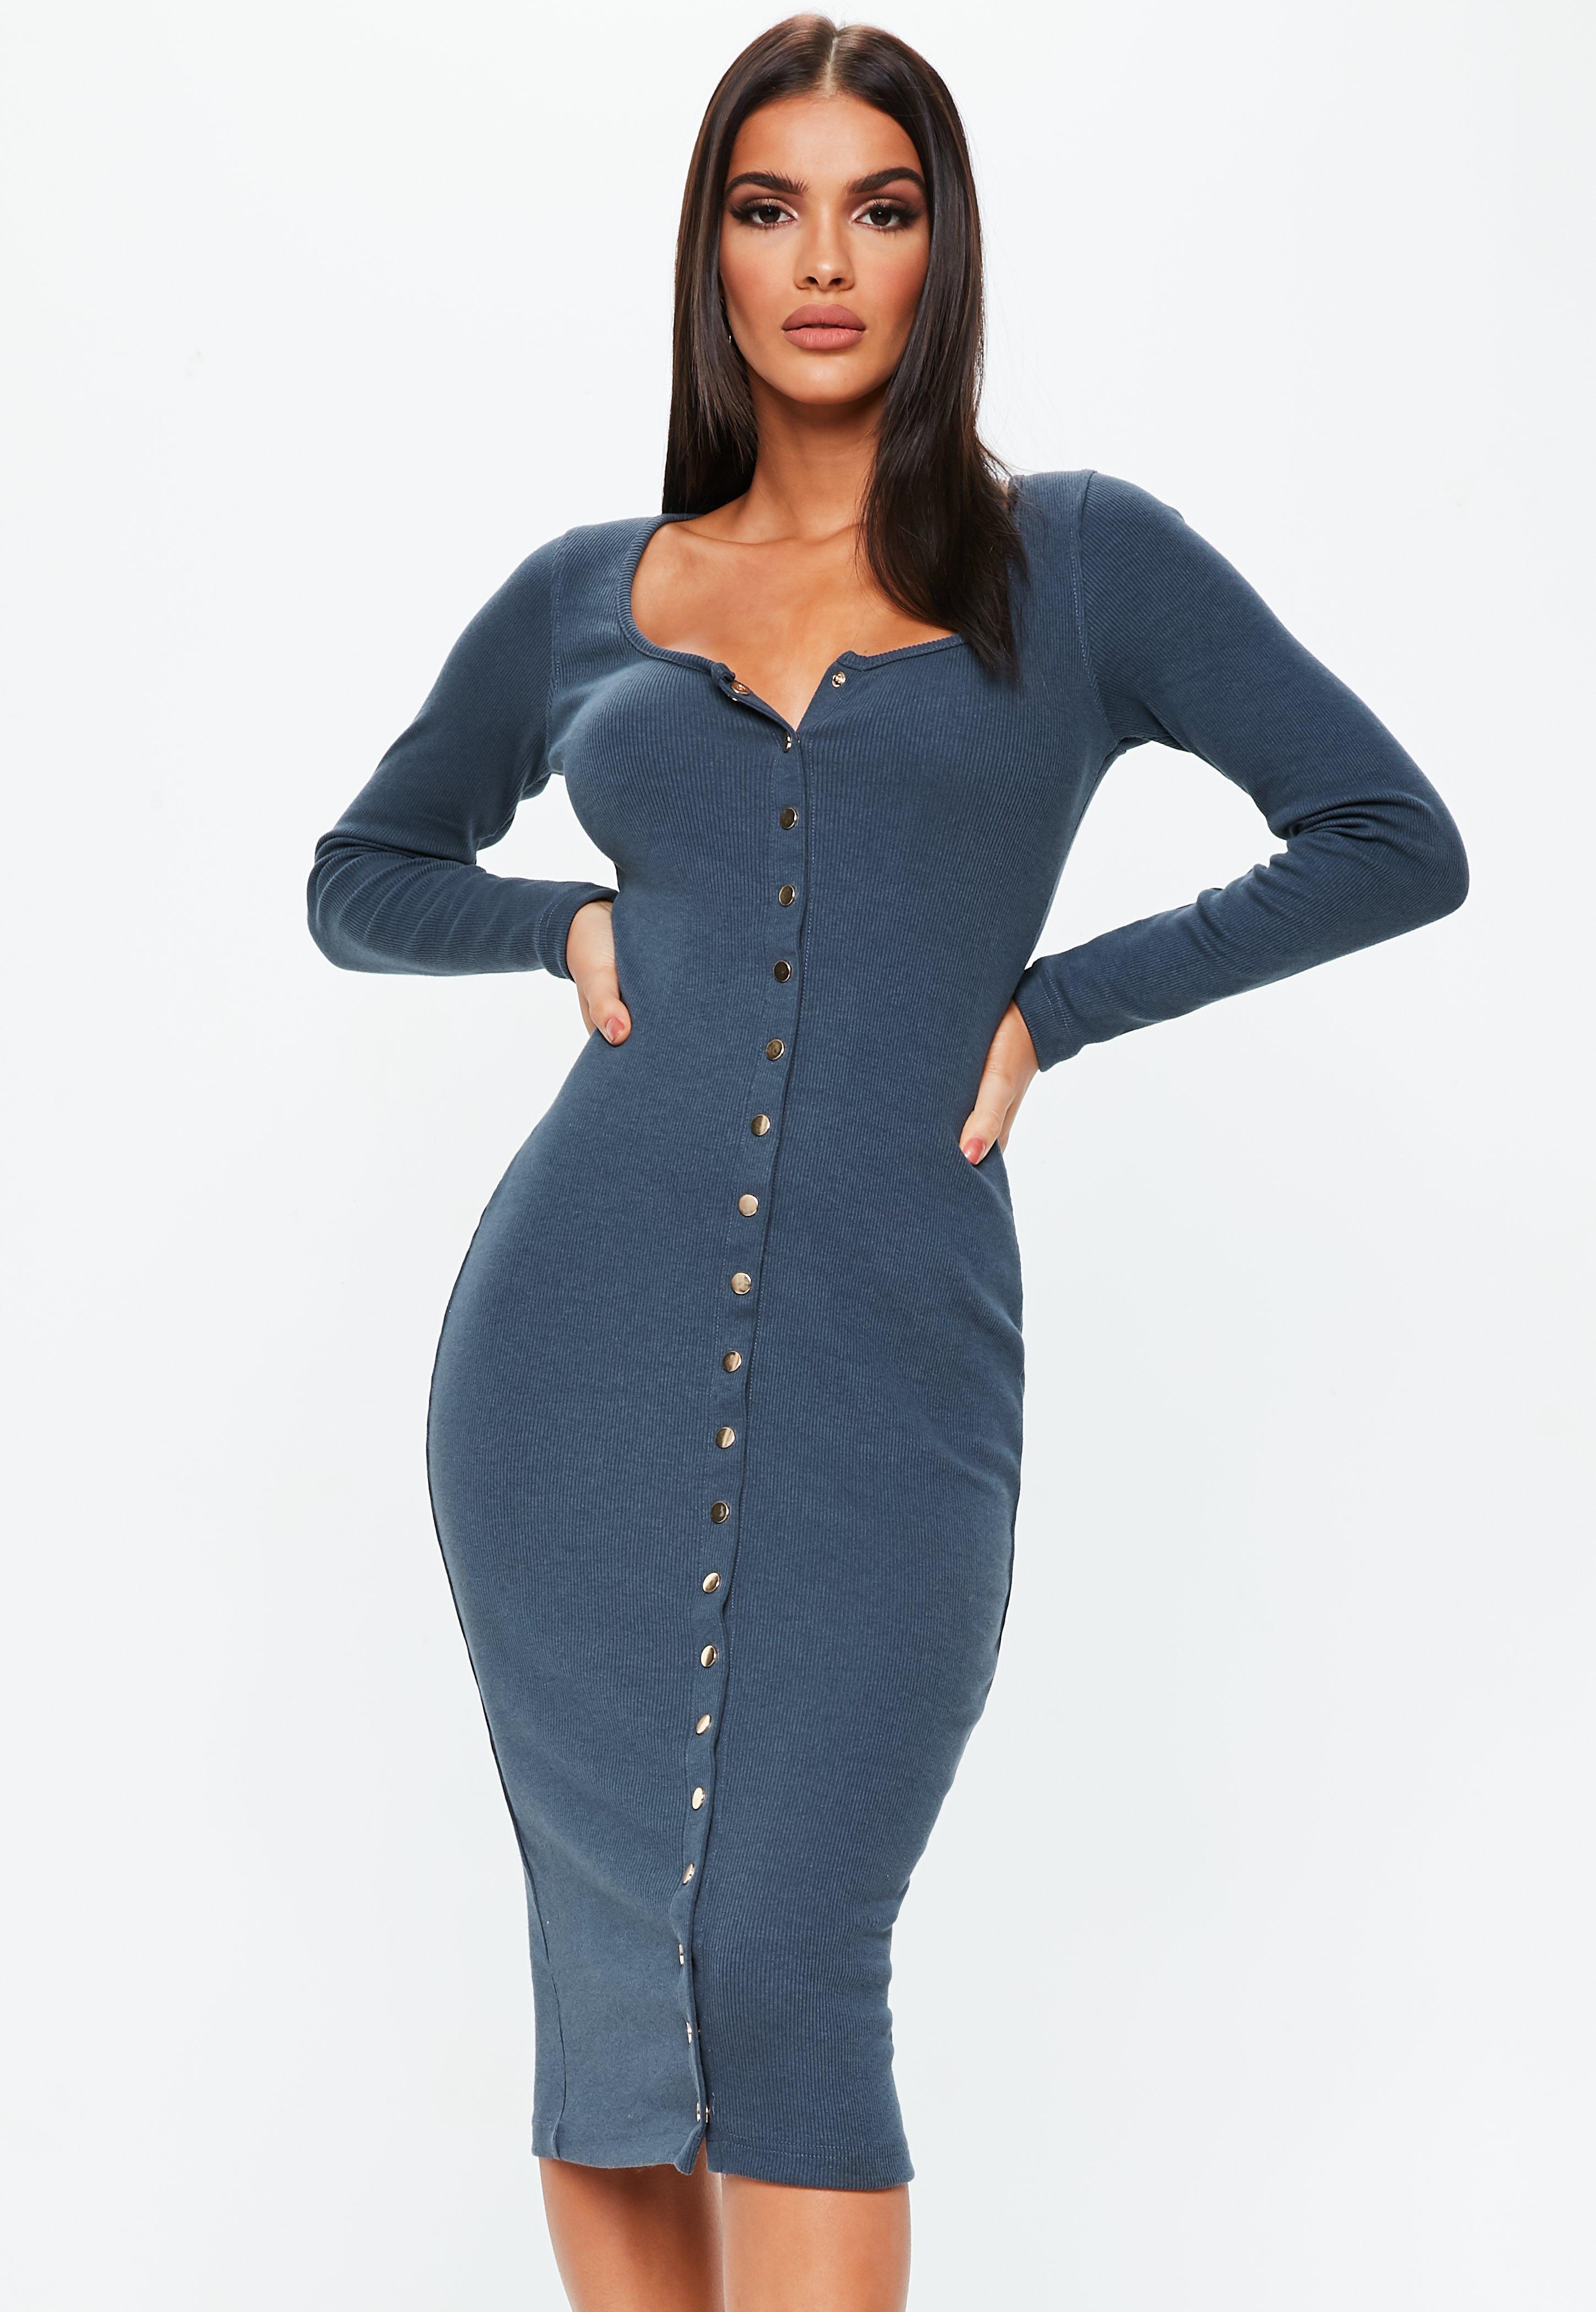 Midi Dresses | Women\'s Knee Length Dresses - Missguided